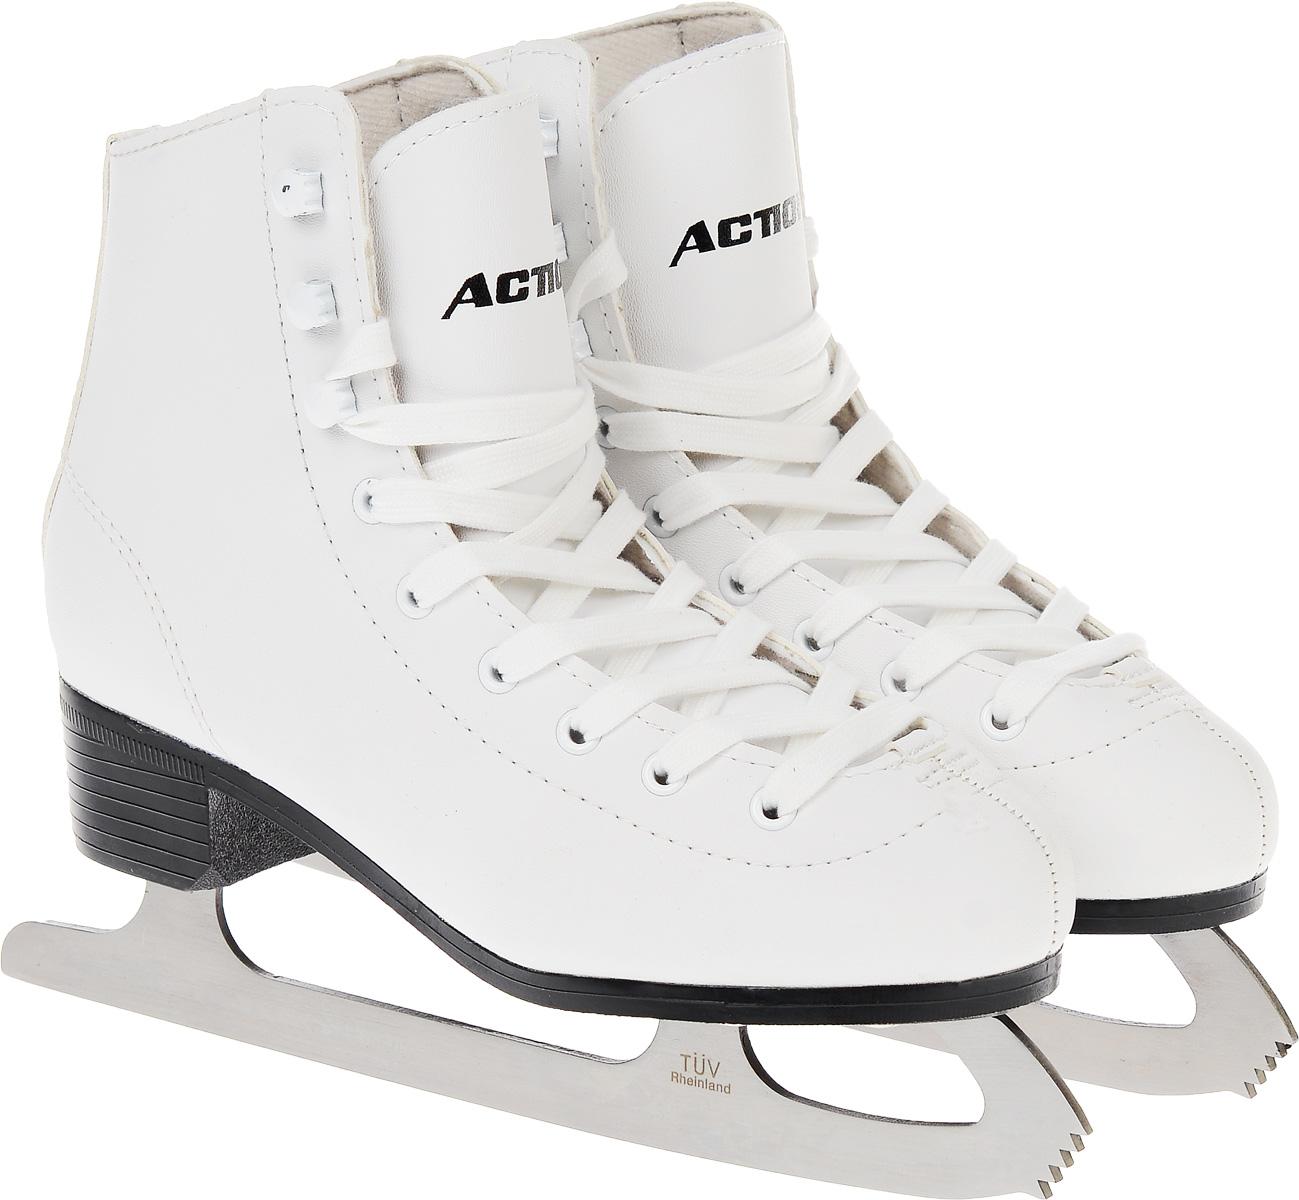 Коньки фигурные детские Action Sporting Goods, цвет: белый. PW-215. Размер 32